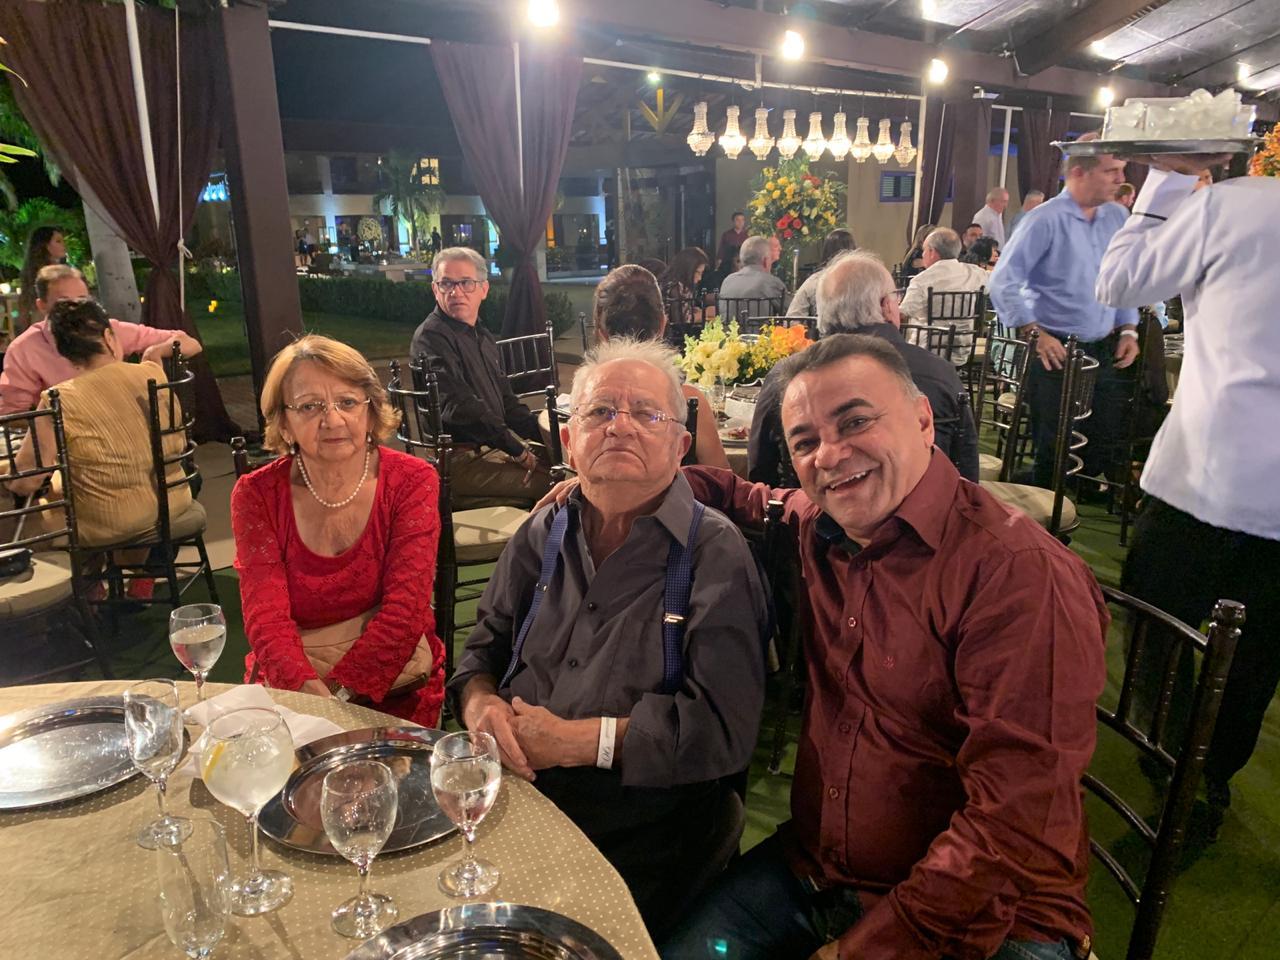 WhatsApp Image 2019 09 22 at 10.04.44 - Políticos e empresários comemoram os 90 anos de Zé Cavalcanti, em Cajazeiras - VEJA FOTOS E VÍDEOS